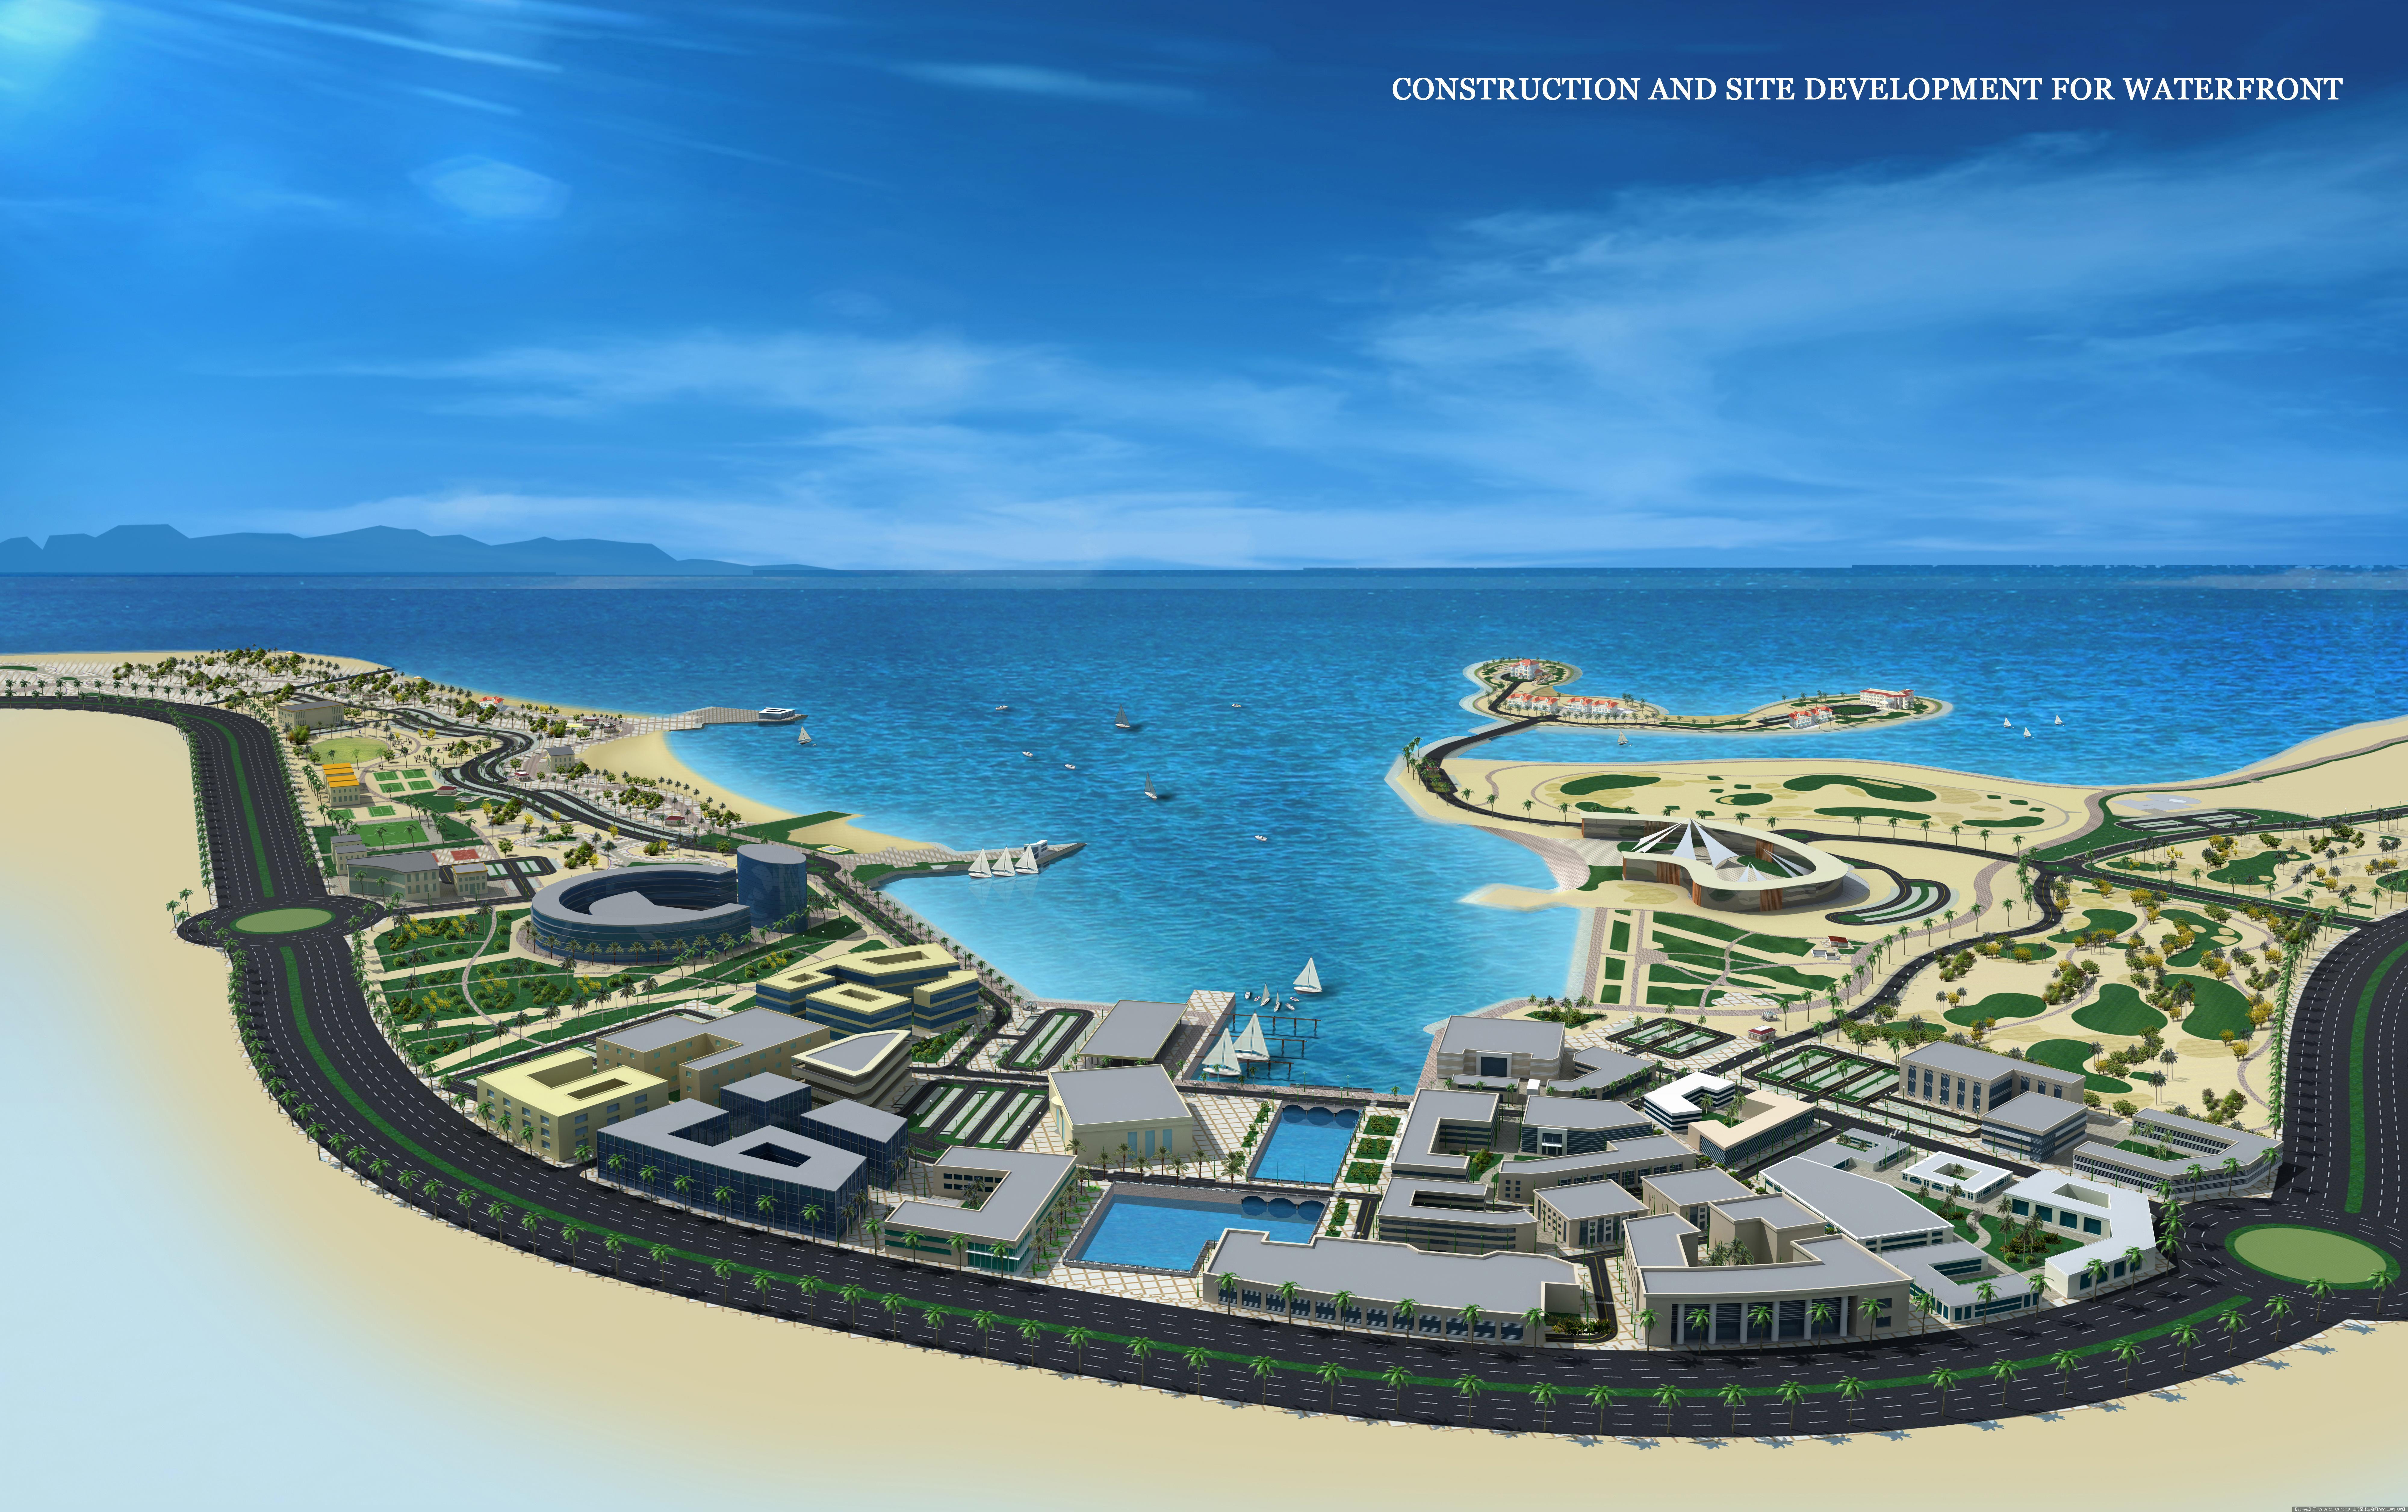 沙漠滨海城市鸟瞰效果图 高清图片